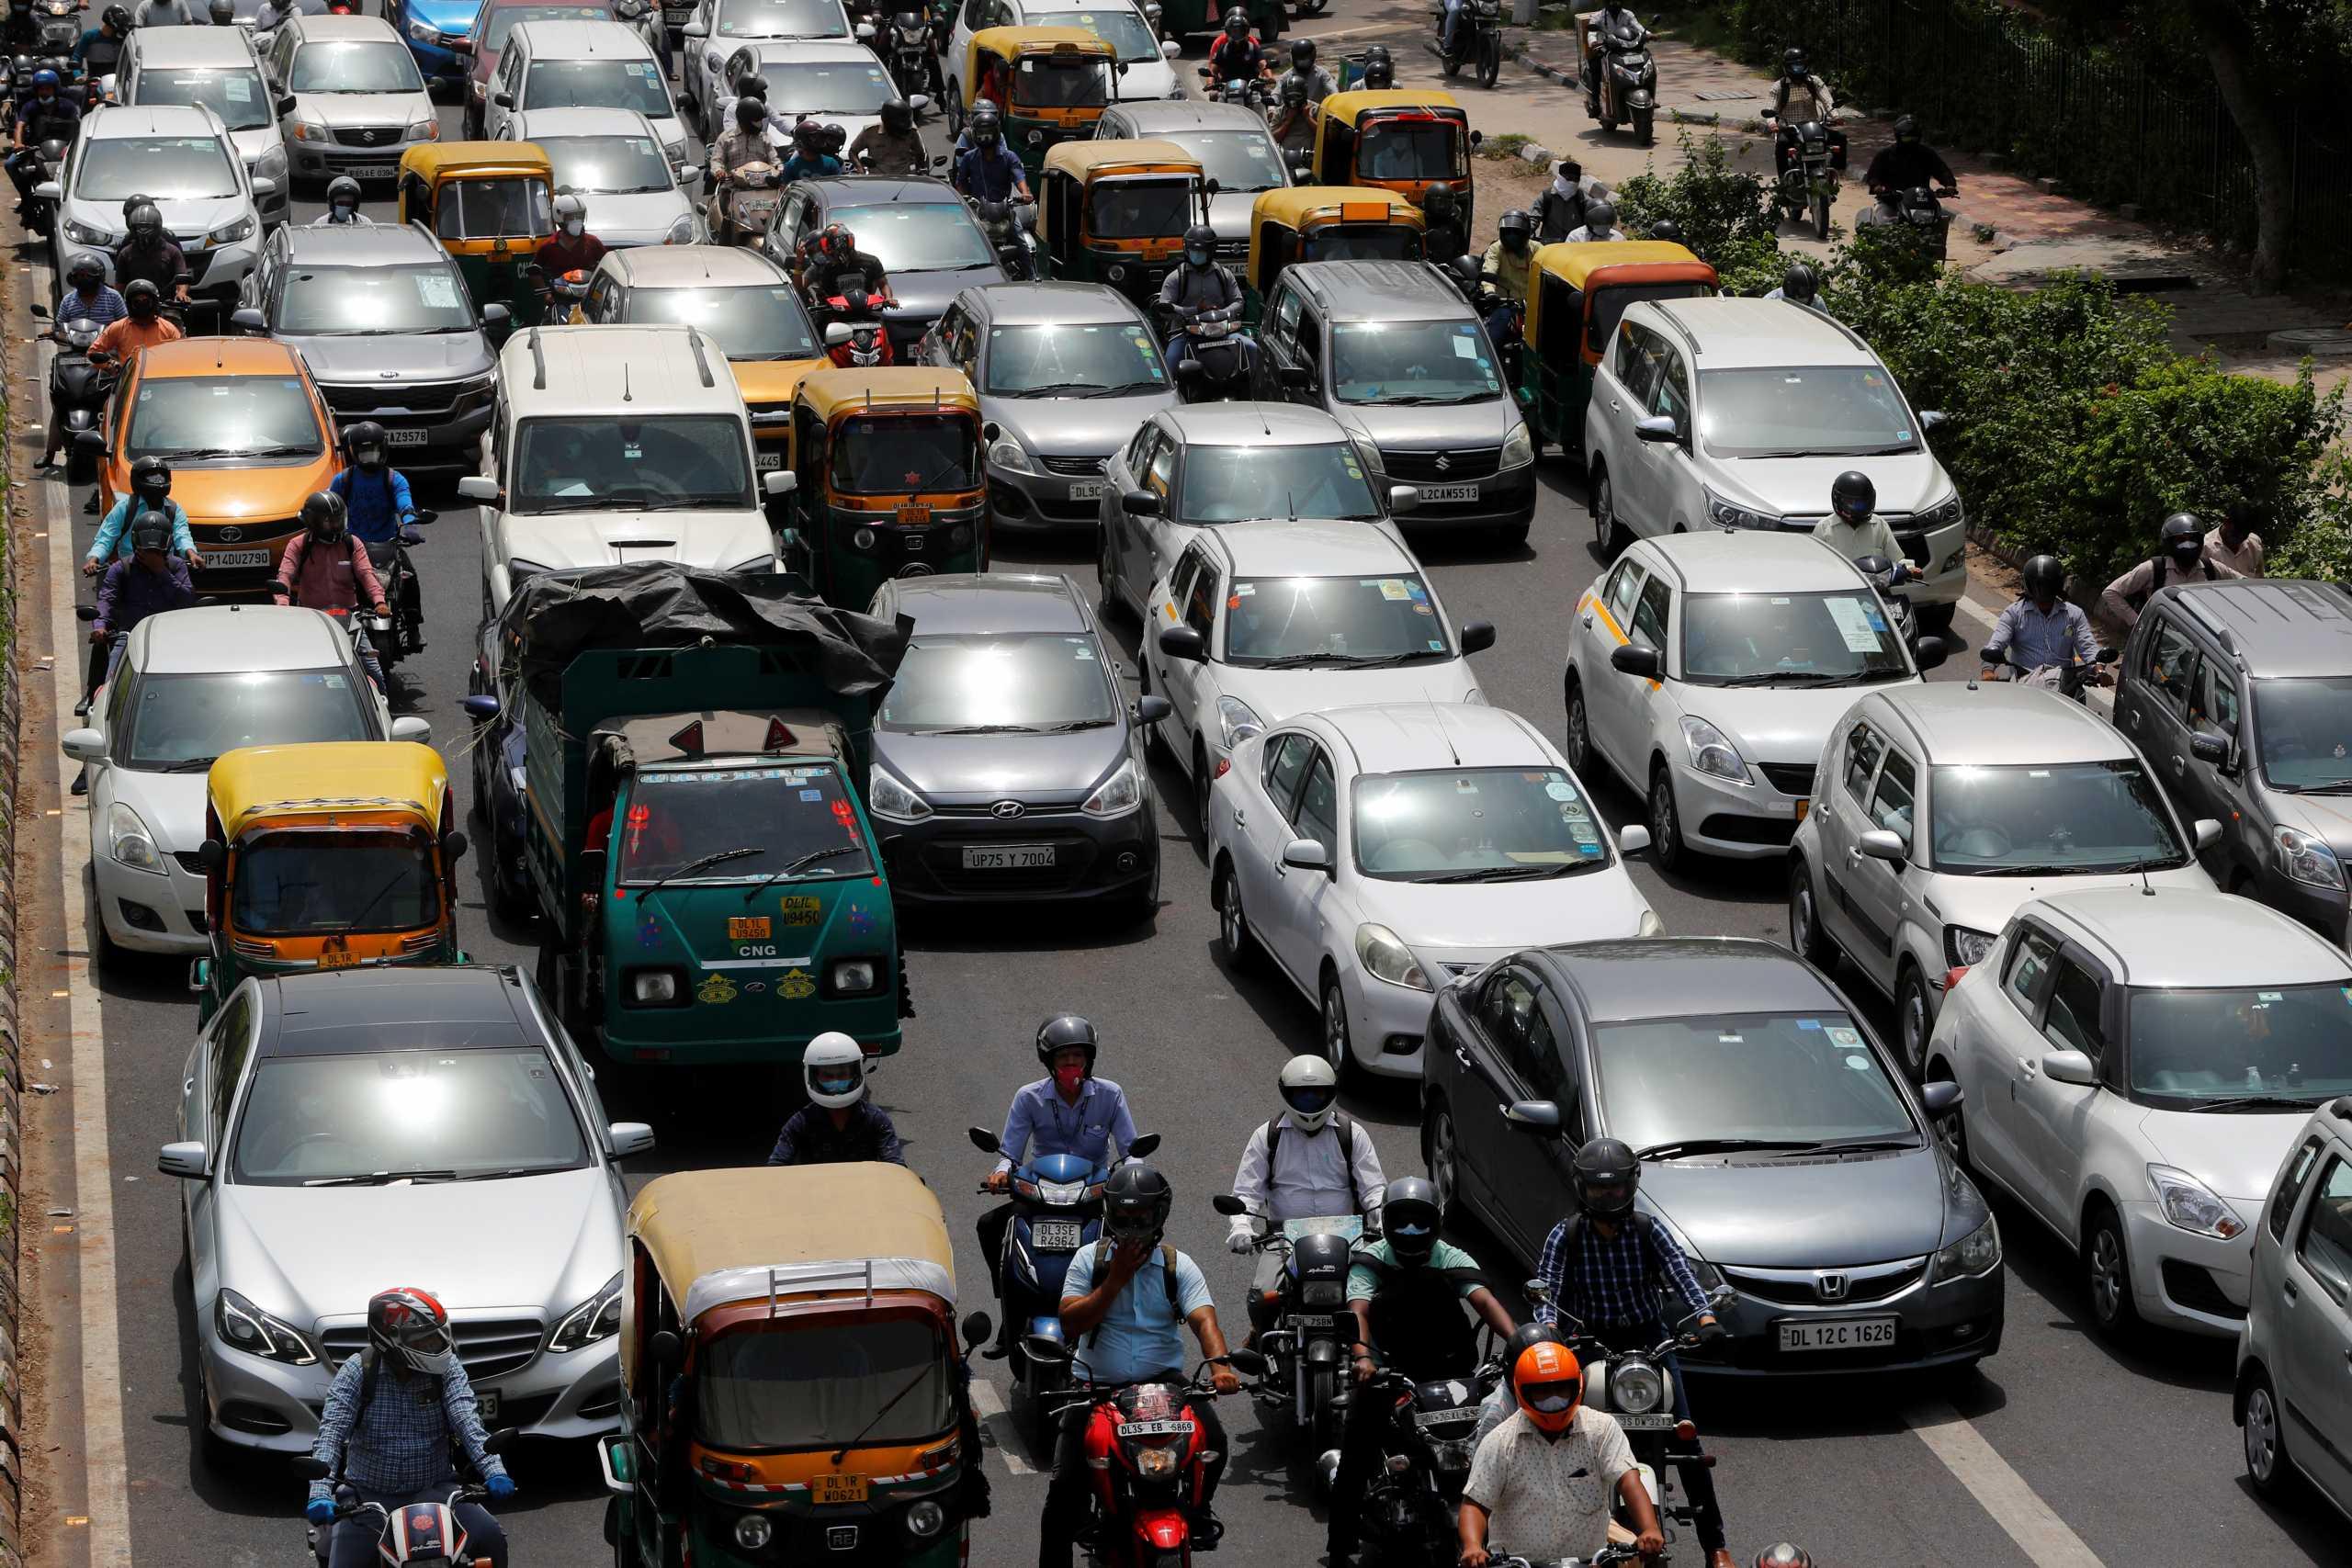 Ινδία: Εικόνες συνωστισμού στο Νέο Δελχί – «Καμπανάκι» για νέα έκρηξη κρουσμάτων